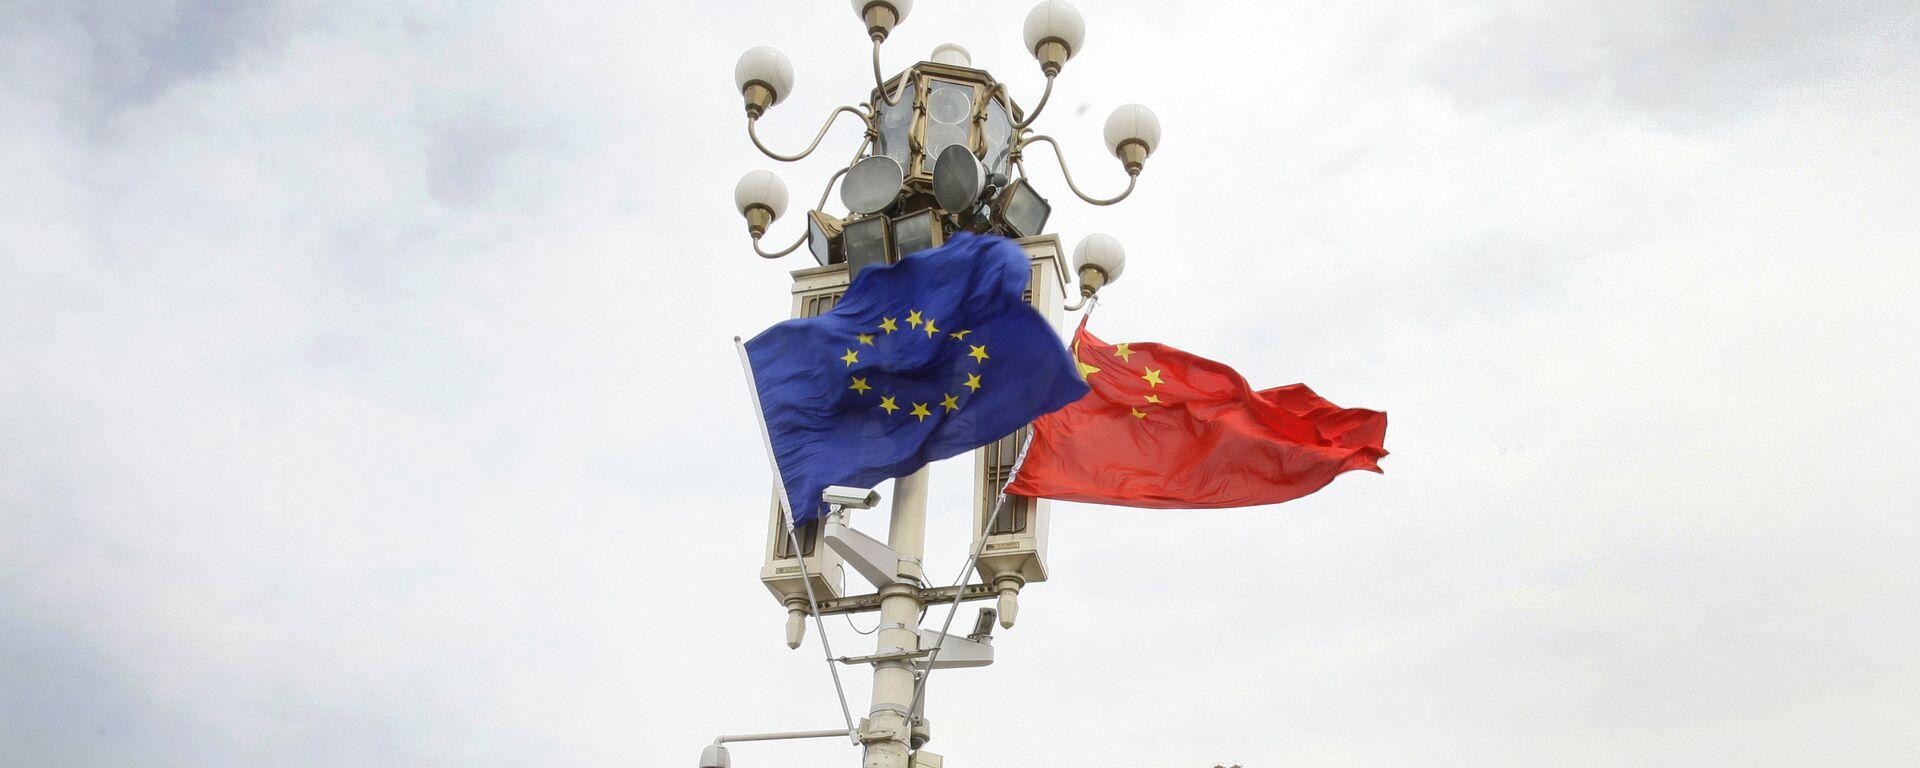 Las banderas de la UE y China - Sputnik Mundo, 1920, 02.01.2021